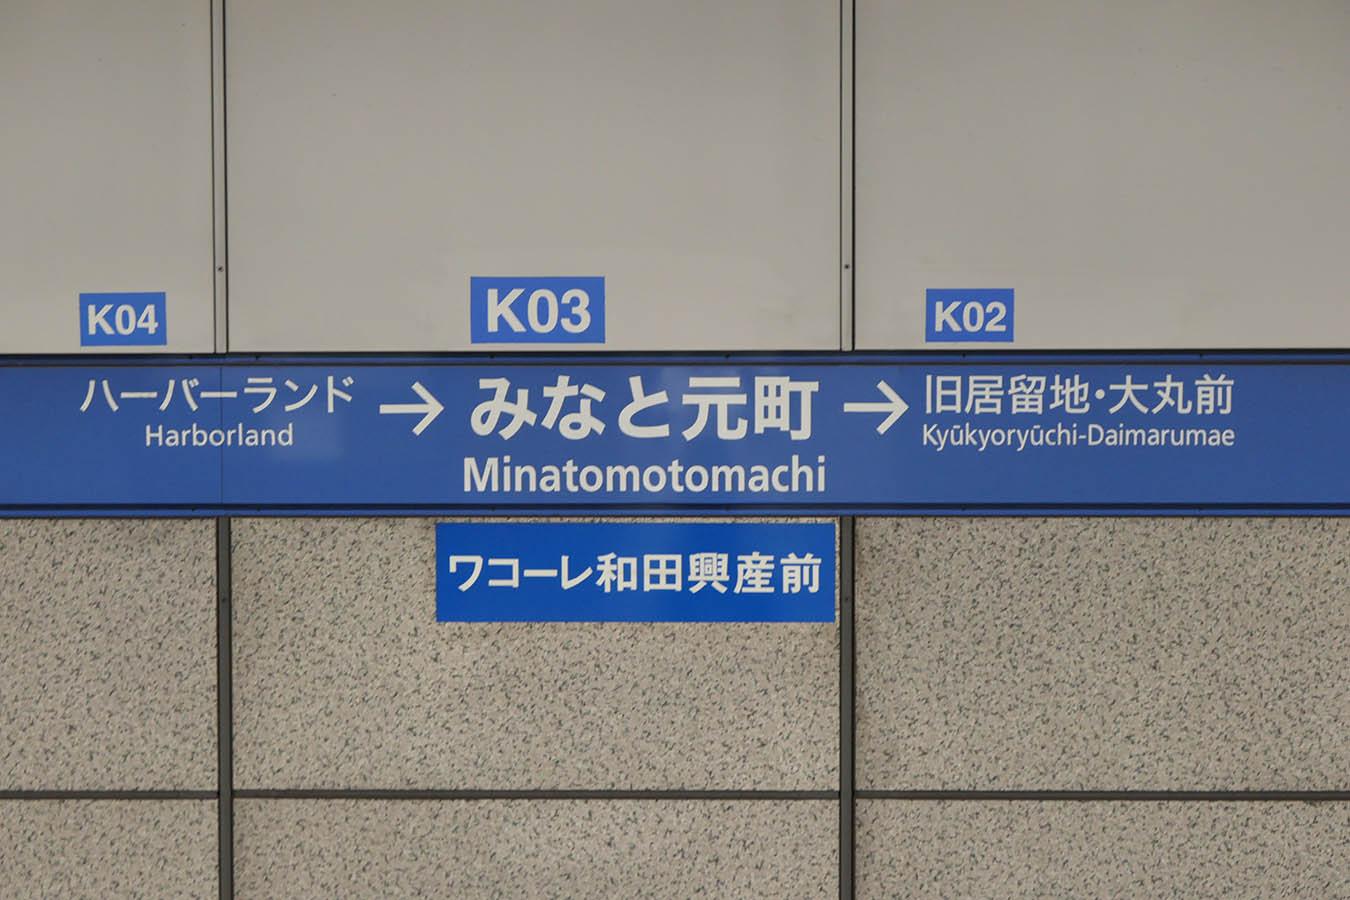 K03_photo05.jpg